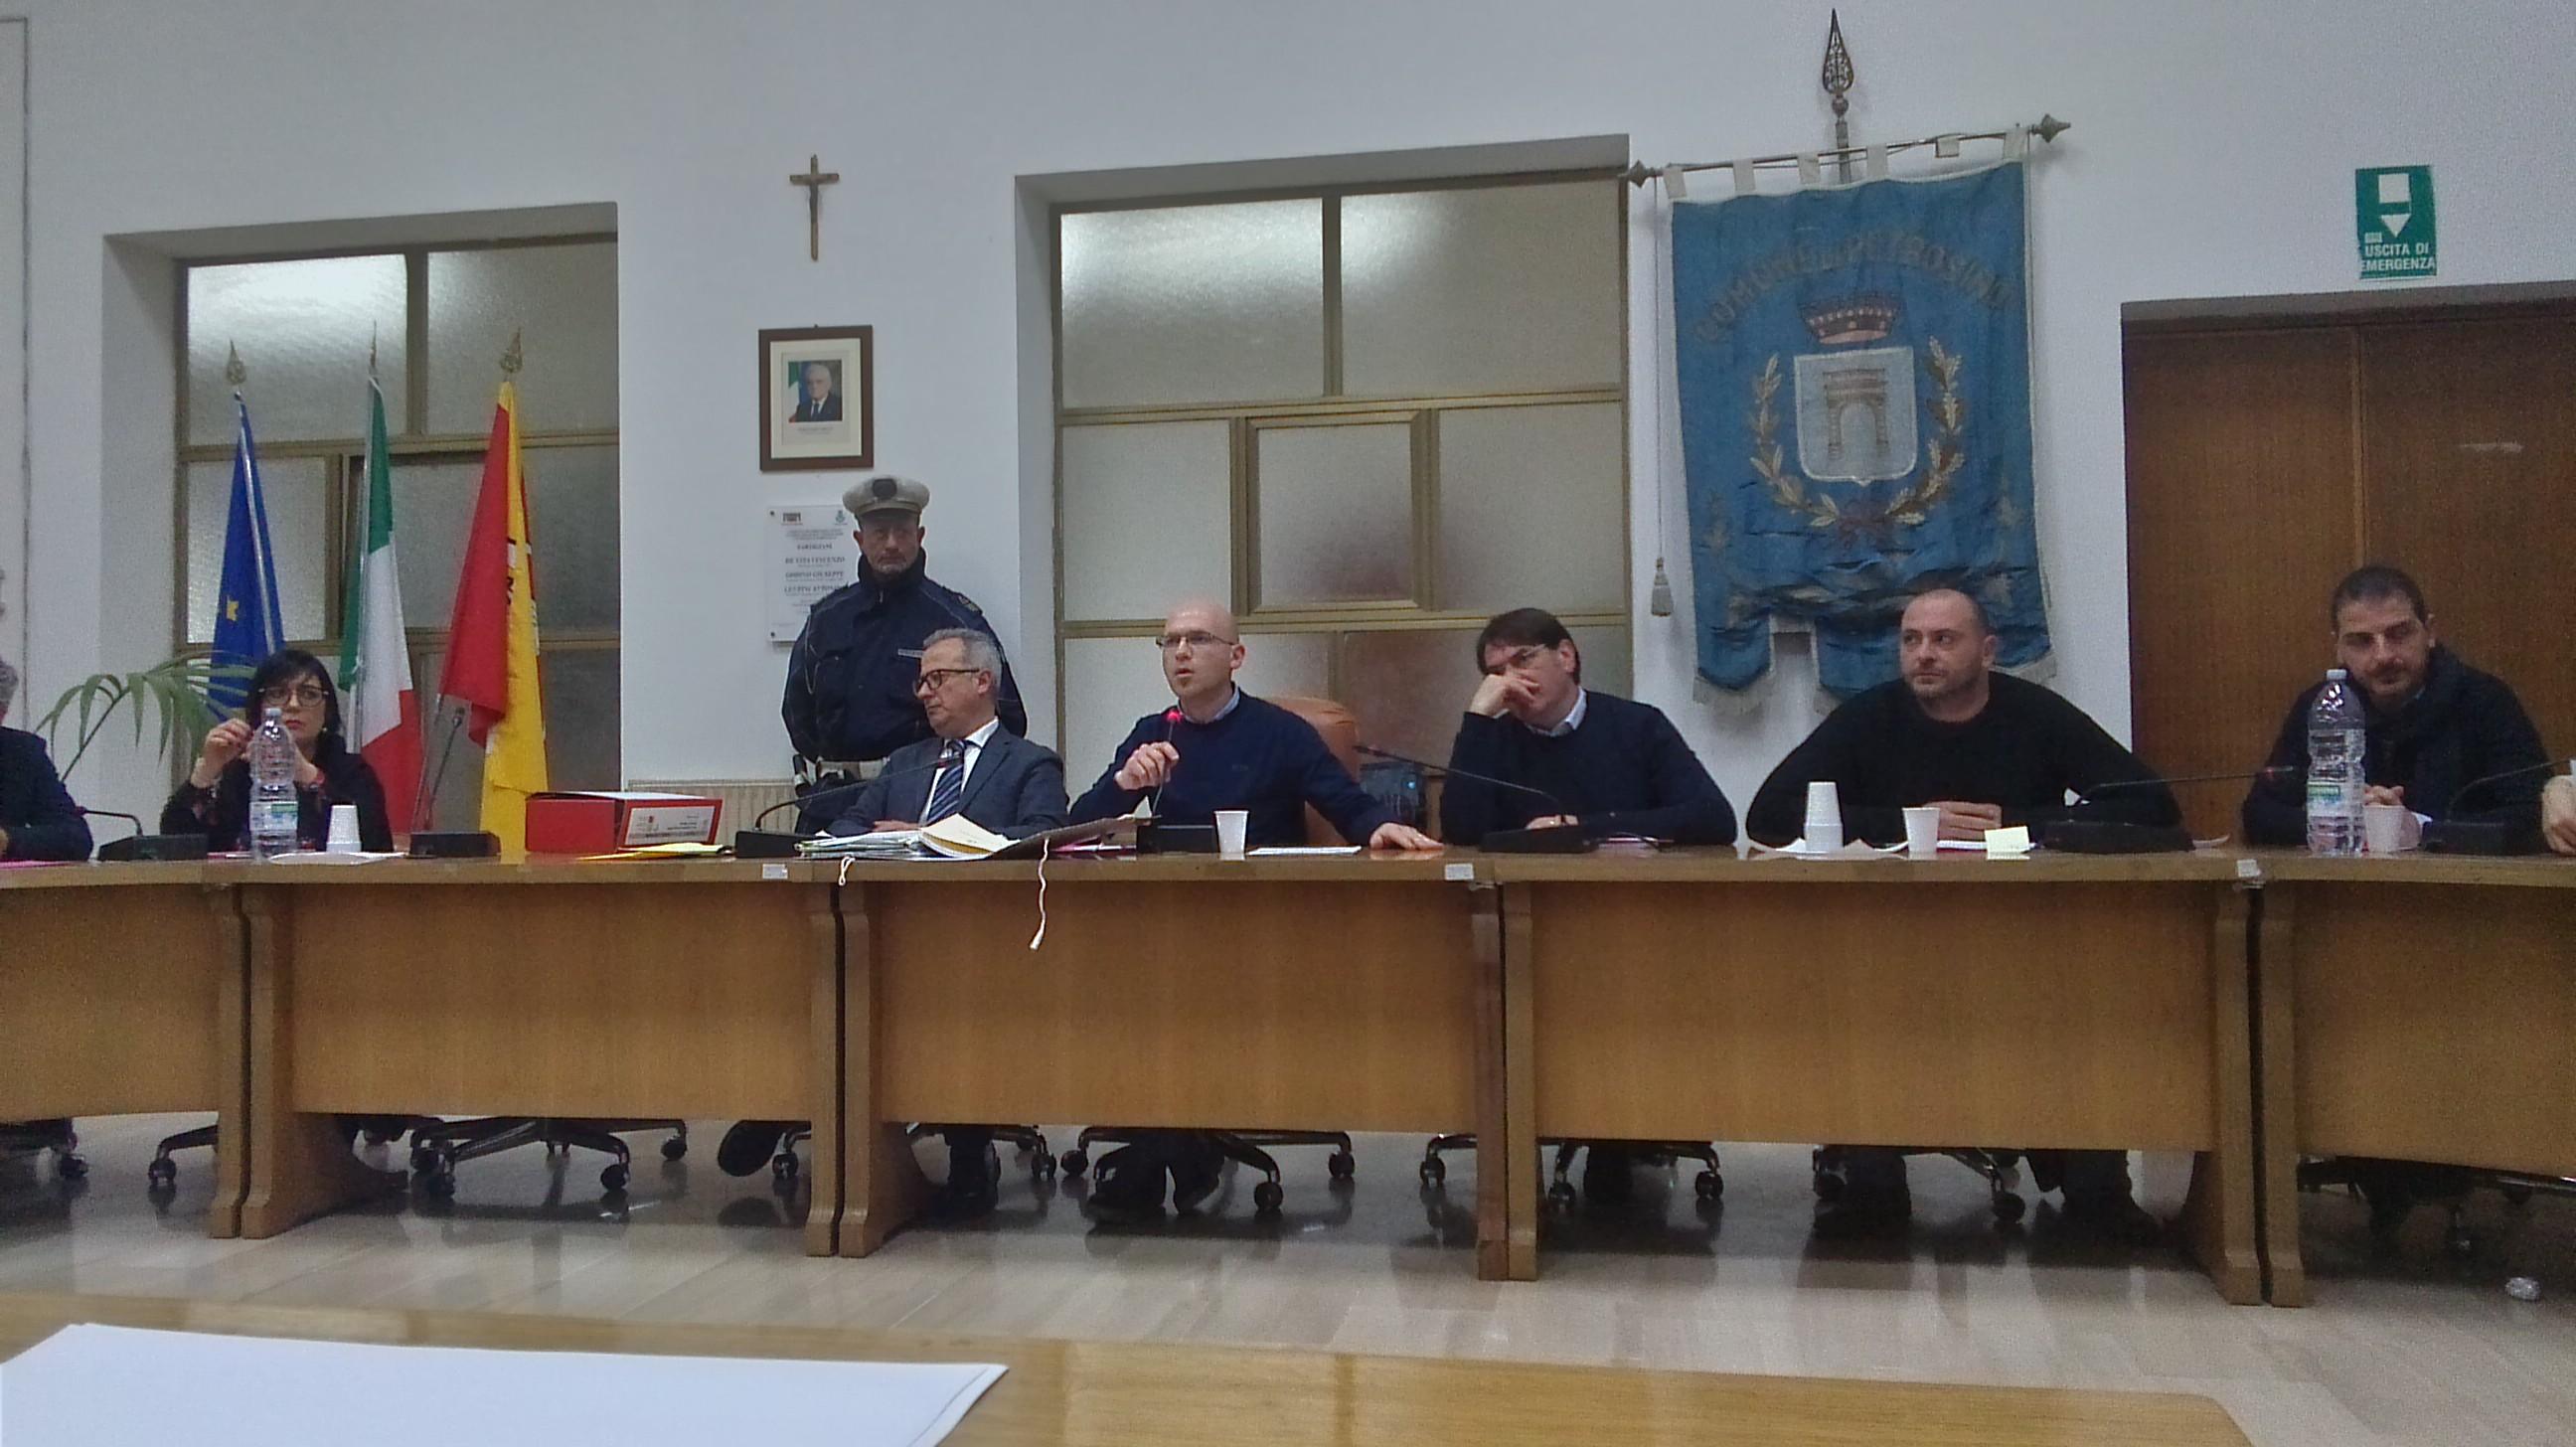 Prg di Petrosino: approvato lo schema di massima. Salta l'intesa bipartisan in Consiglio